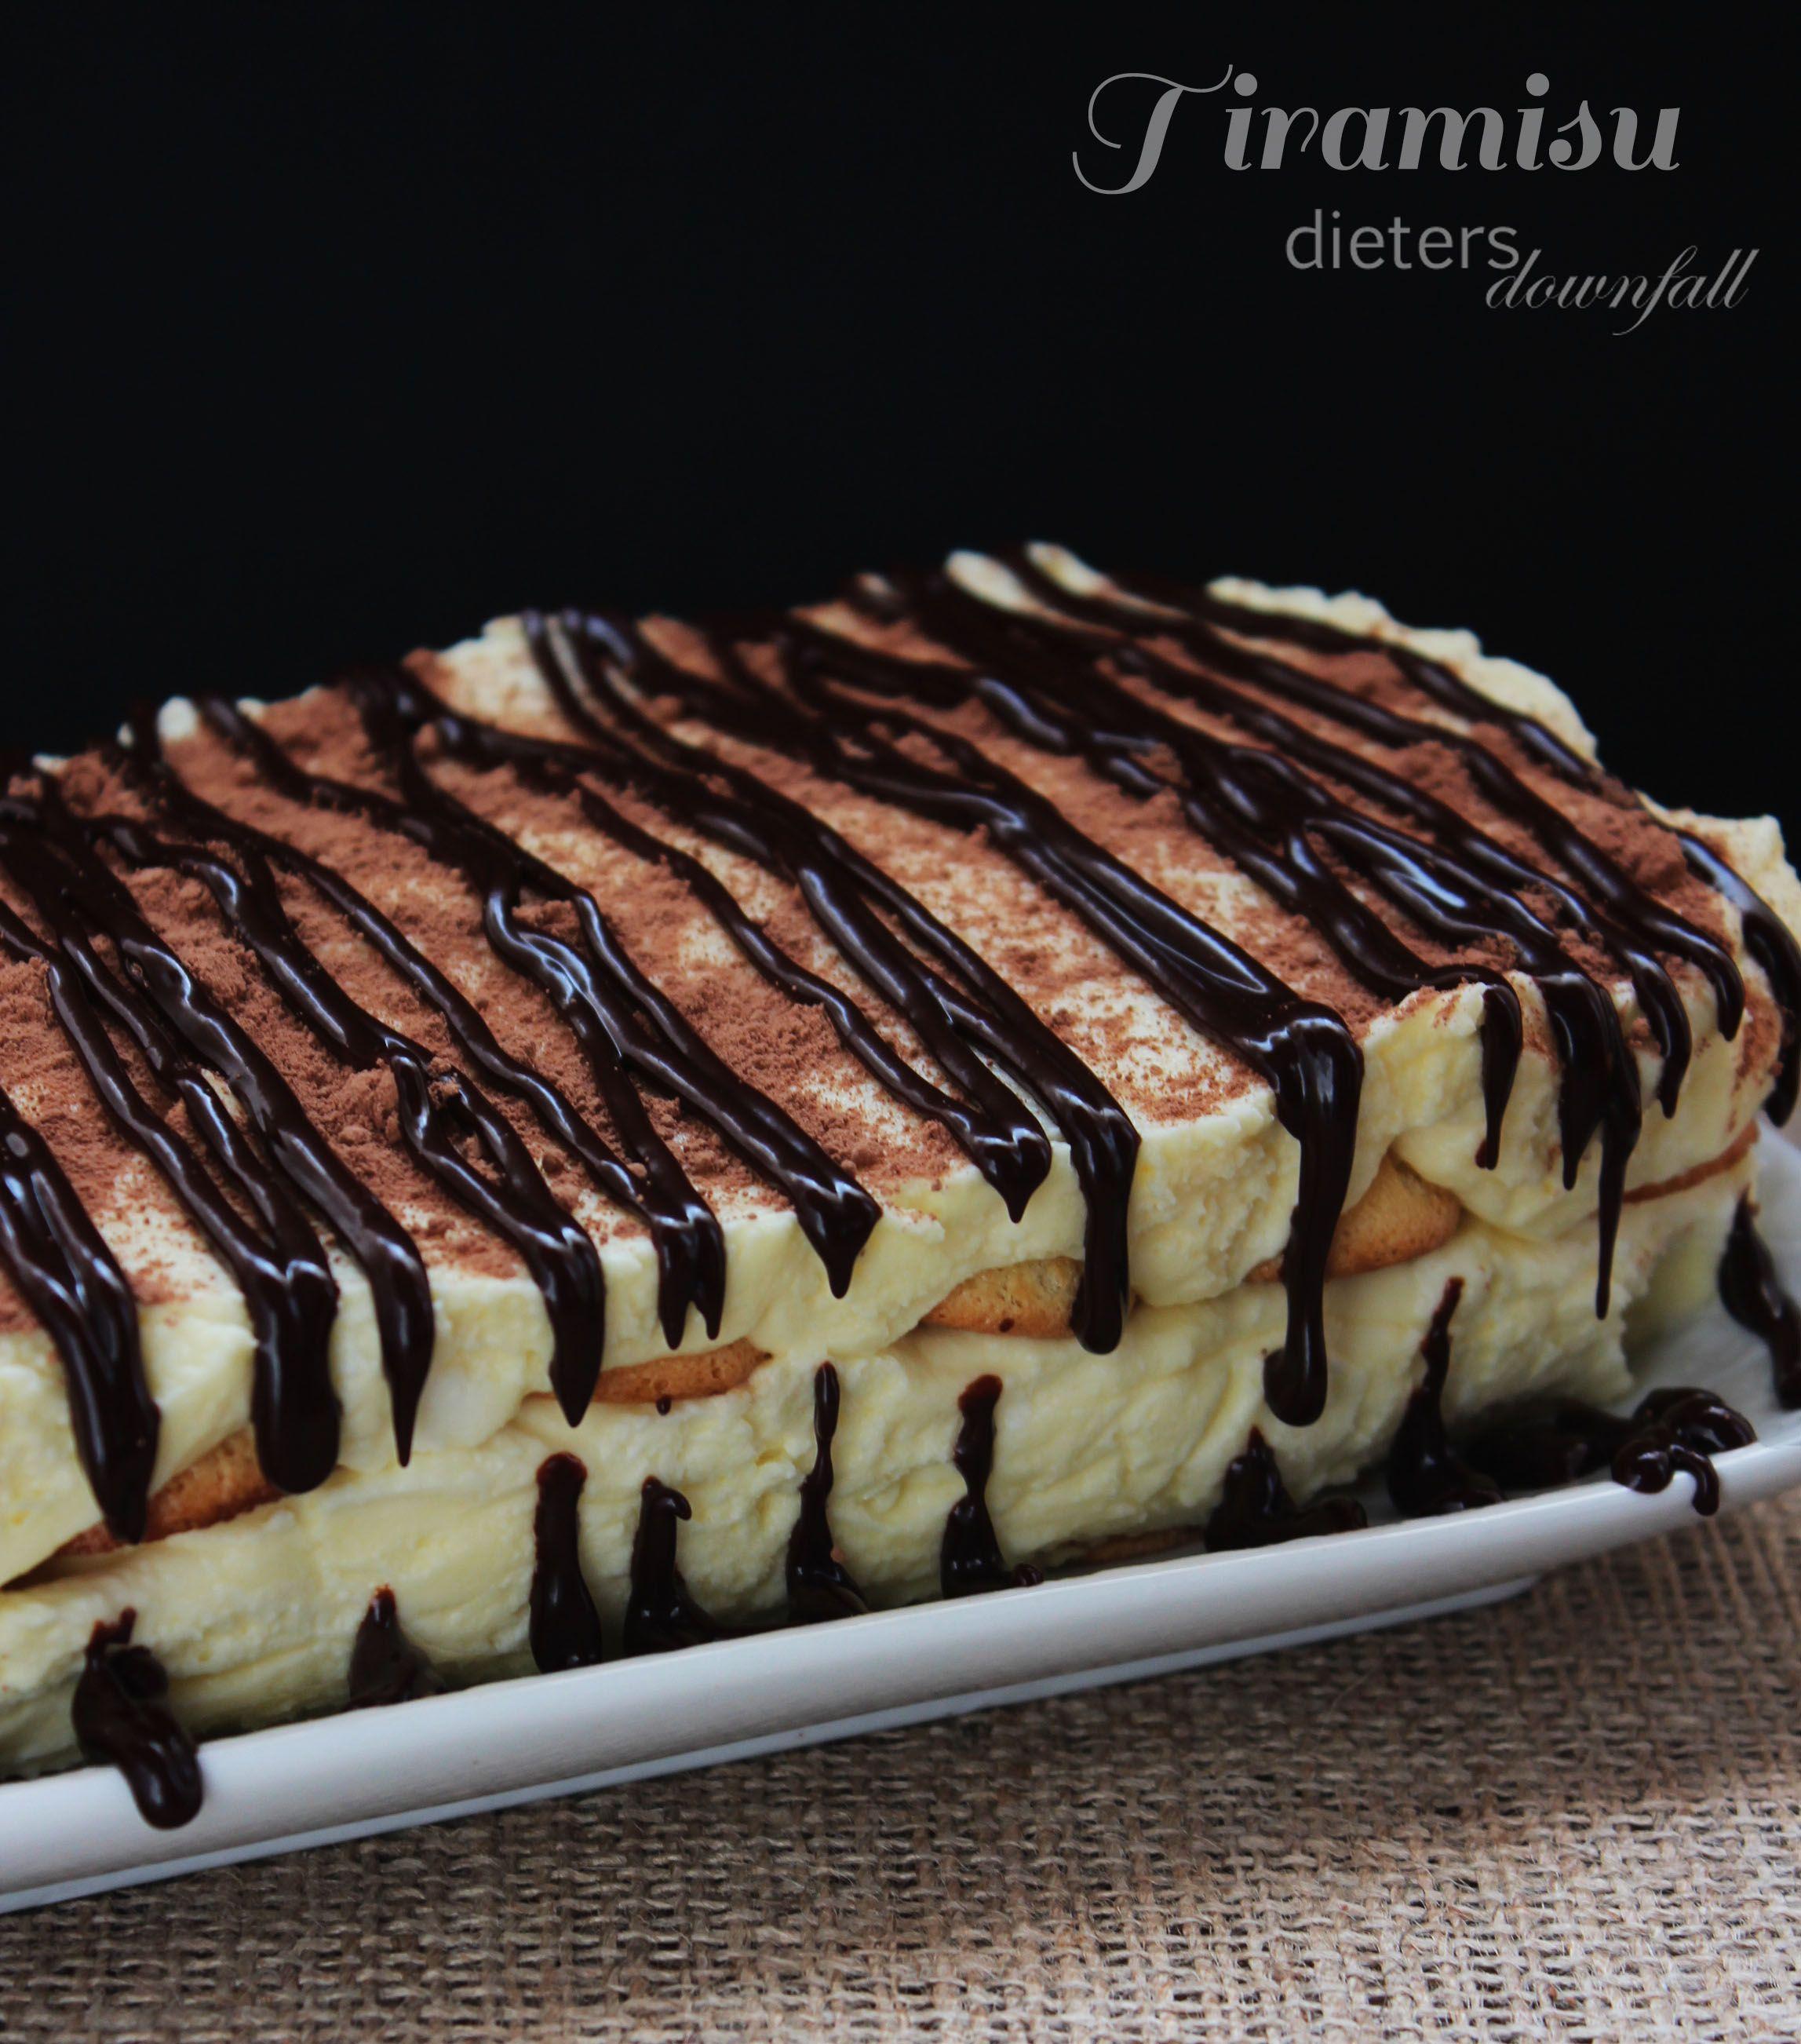 die besten 25 tiramisu ideen auf pinterest tiramisu kuchen italienische desserts und. Black Bedroom Furniture Sets. Home Design Ideas